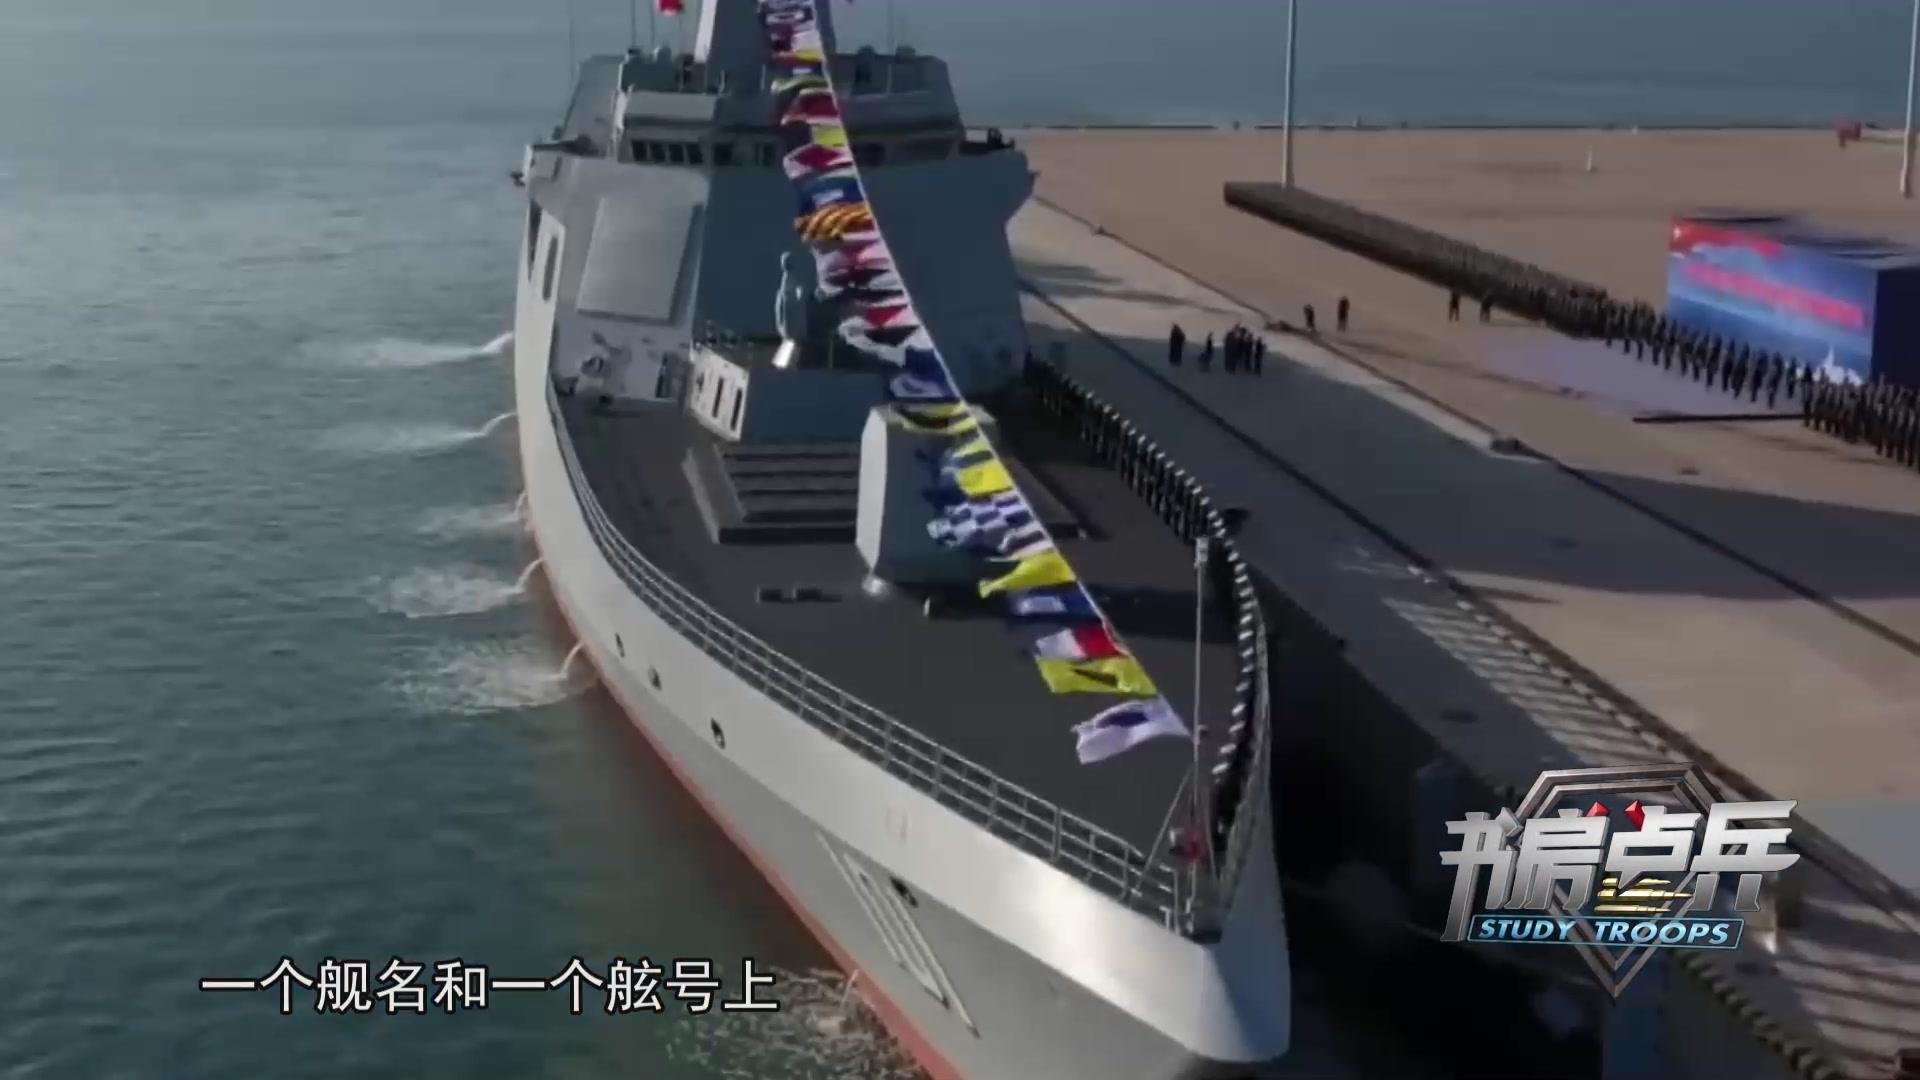 为什么各国执着于万吨大驱?看看南昌舰就知道了,什么叫世界一流